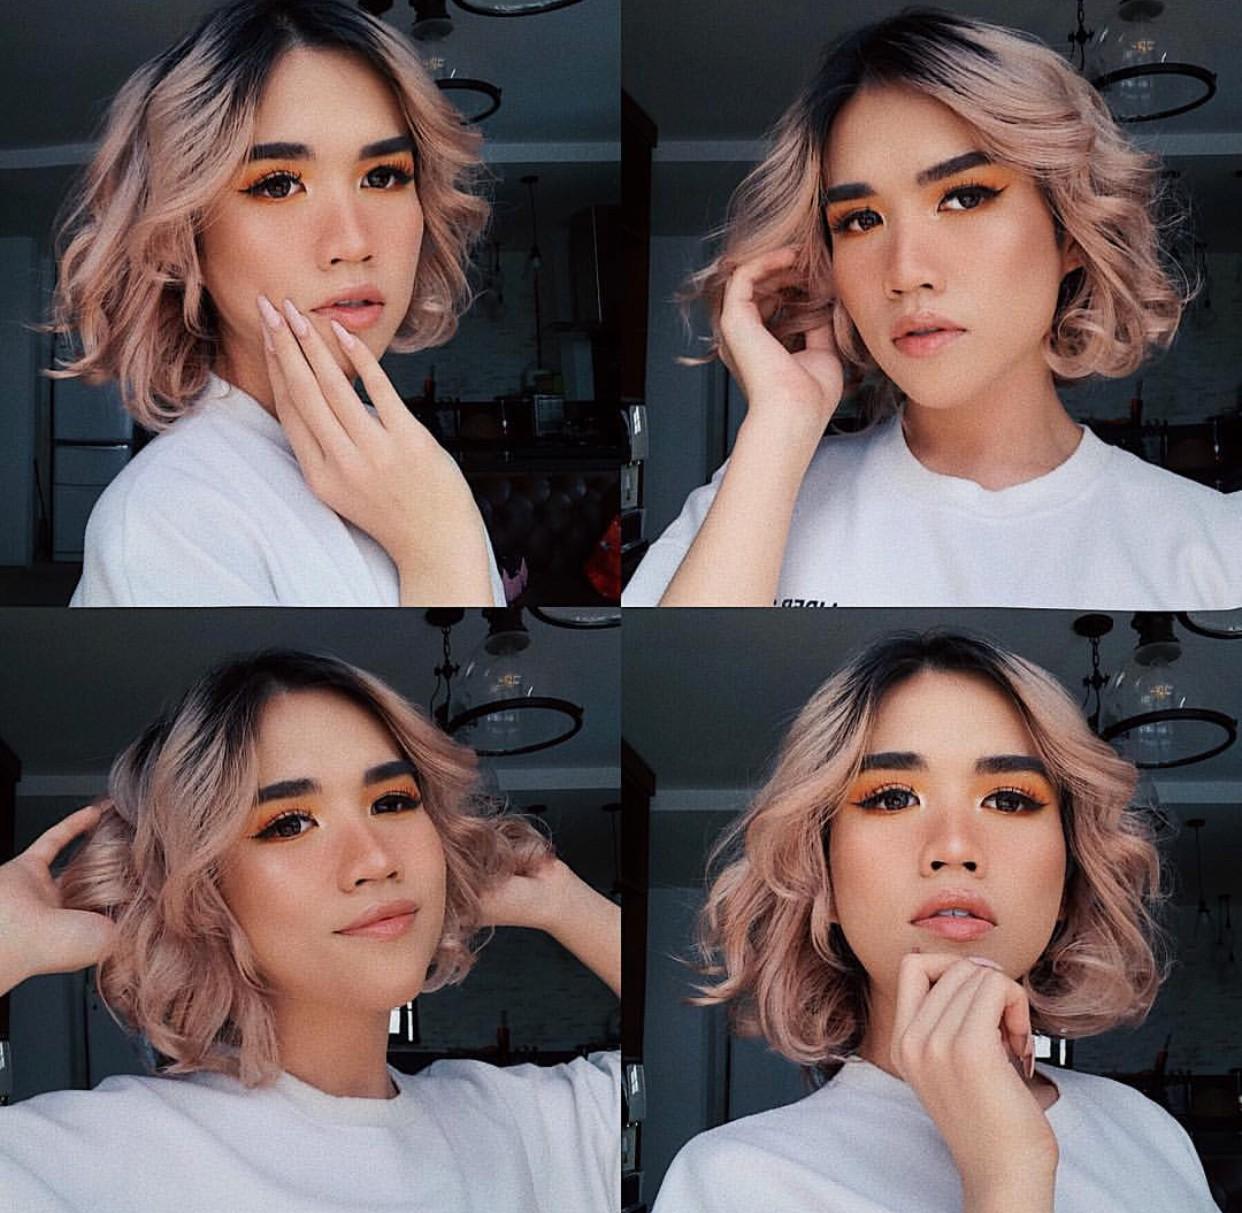 Làm quen với hội bạn thân mới nổi trên Youtube: Đều là beauty blogger, trong đó có 2 nhân vật vô cùng đặc biệt - Ảnh 15.